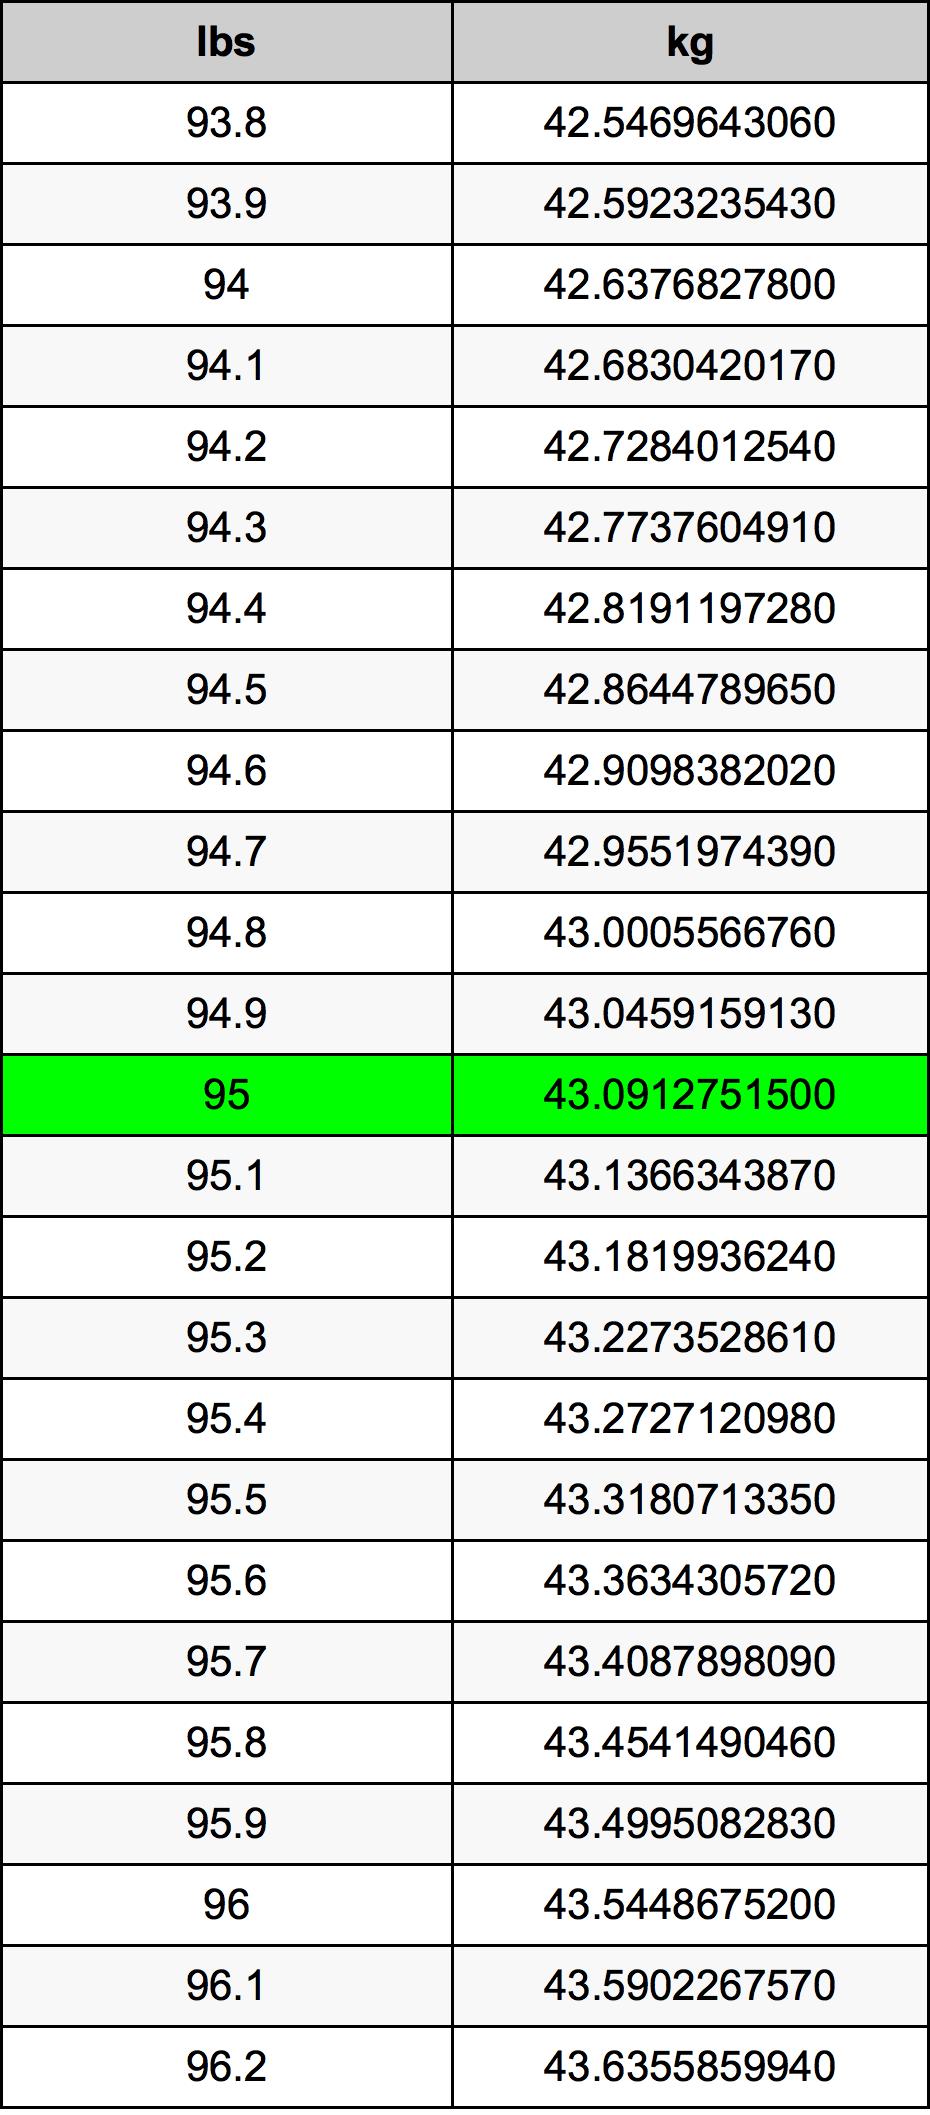 95ポンドをキログラム単位変換   95lbsをkg単位変換